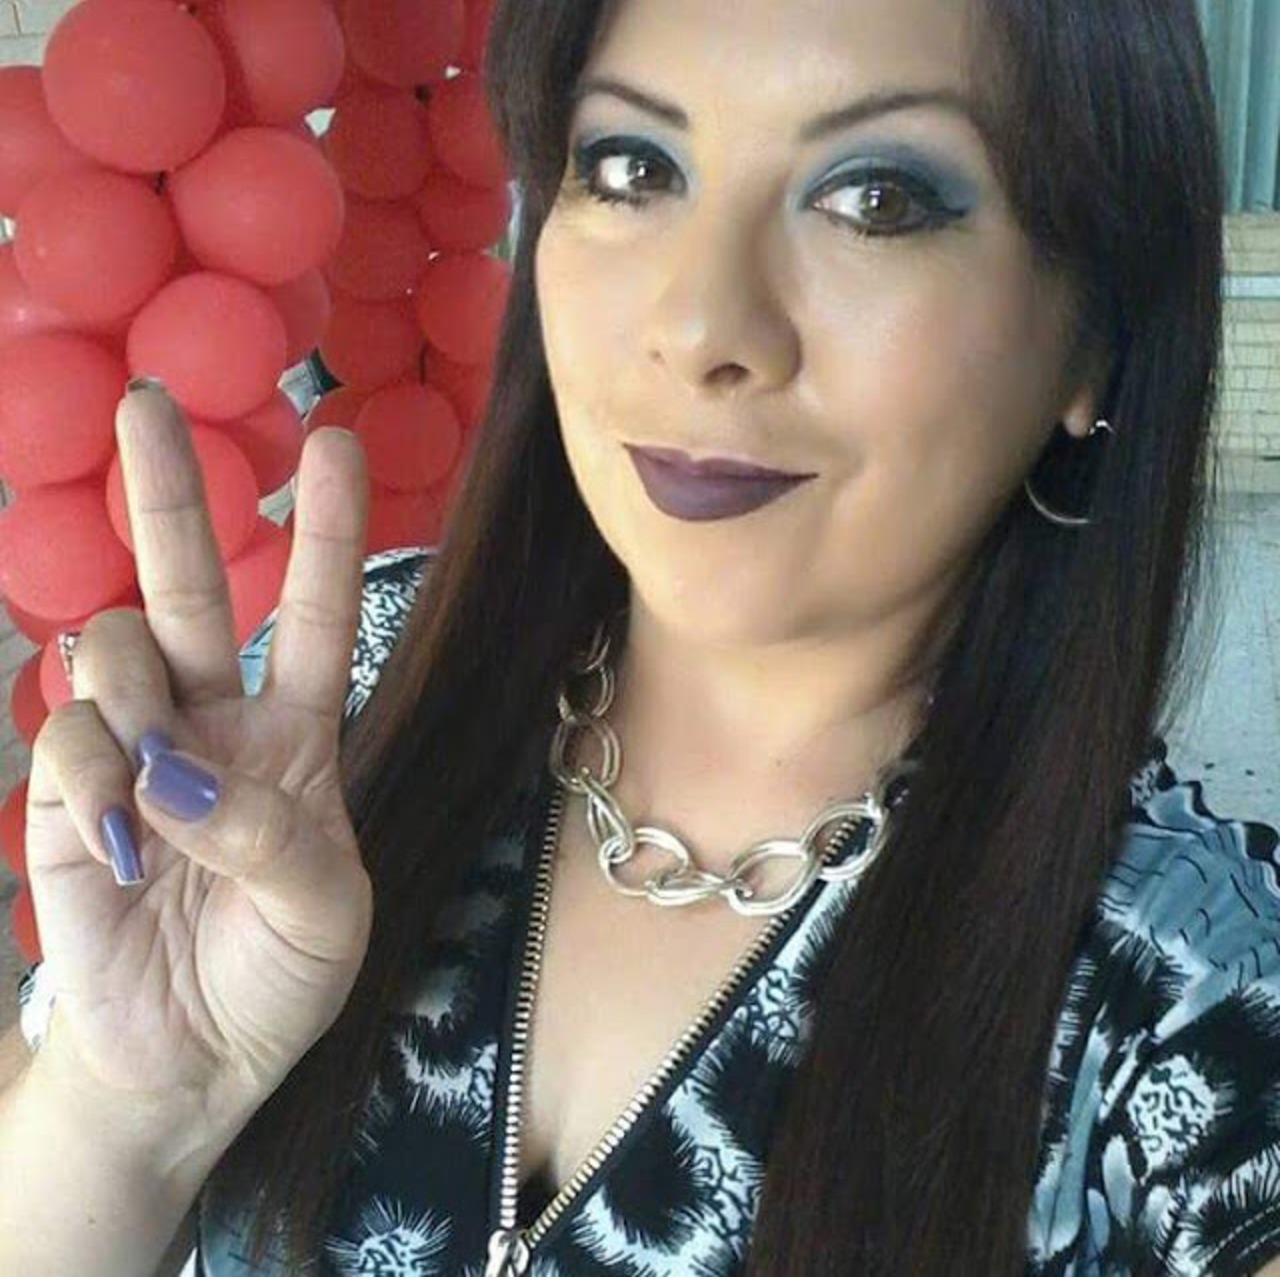 Cerraron el caso de 'Lady Chacal': No hay delito